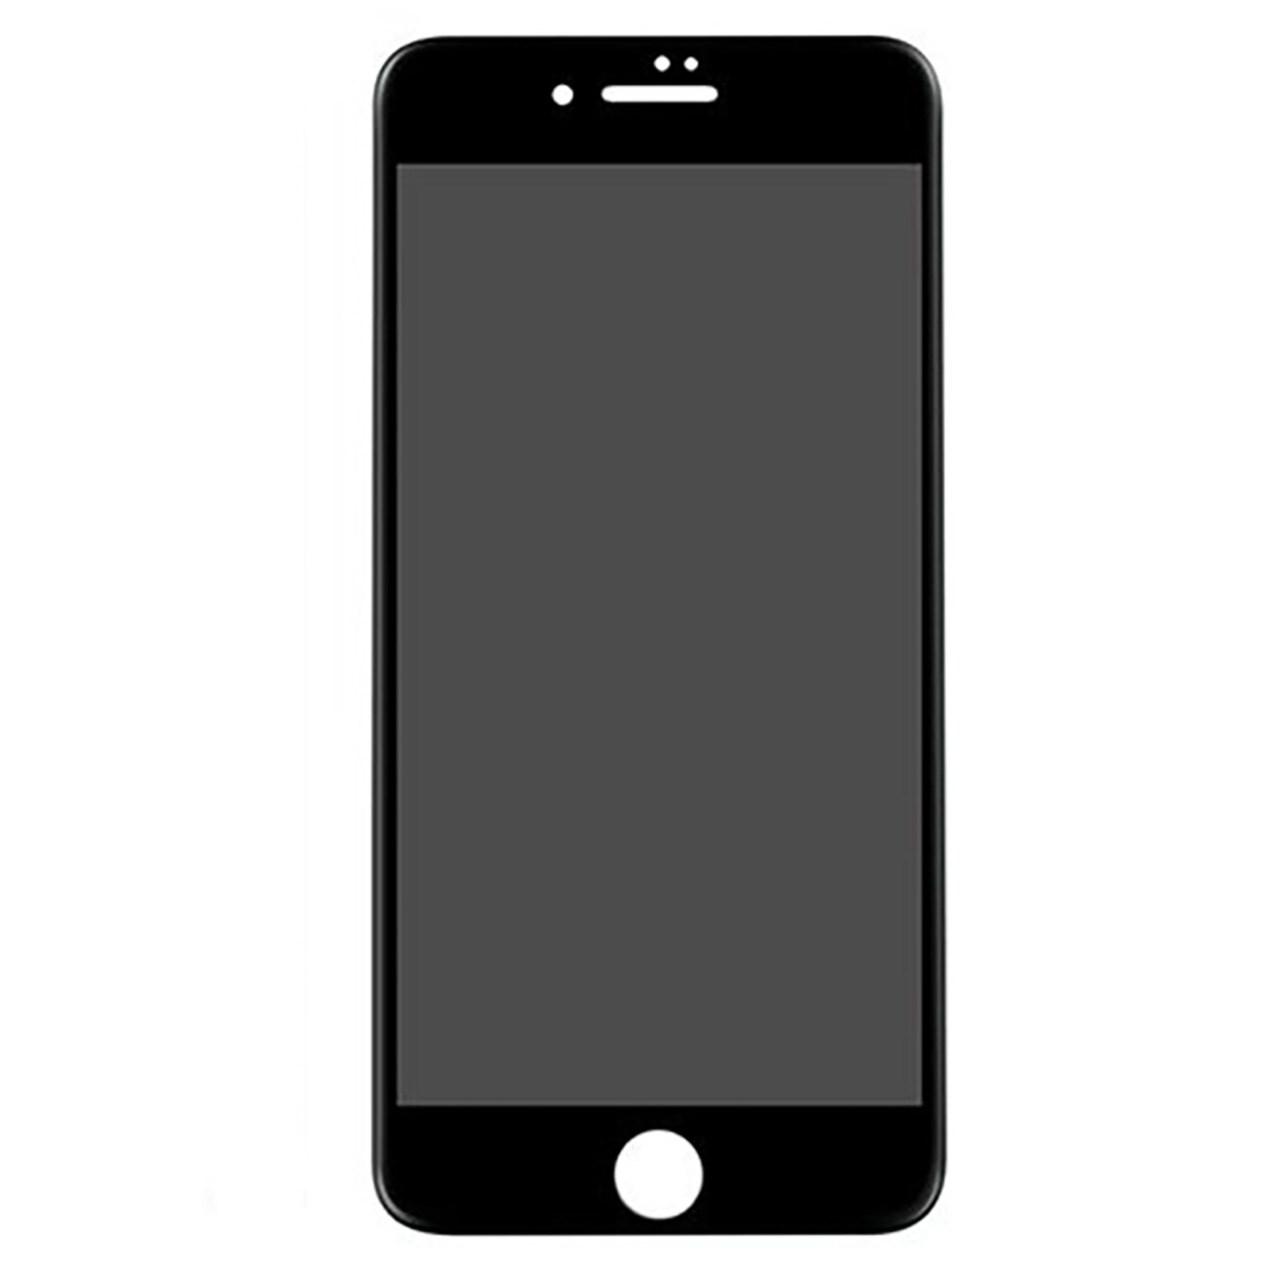 بررسی و {خرید با تخفیف} محافظ صفحه نمایش شیشه ای مک کوی مدل Privacy مناسب برای گوشی موبایل iphone 6 Plus /6s Plus اصل